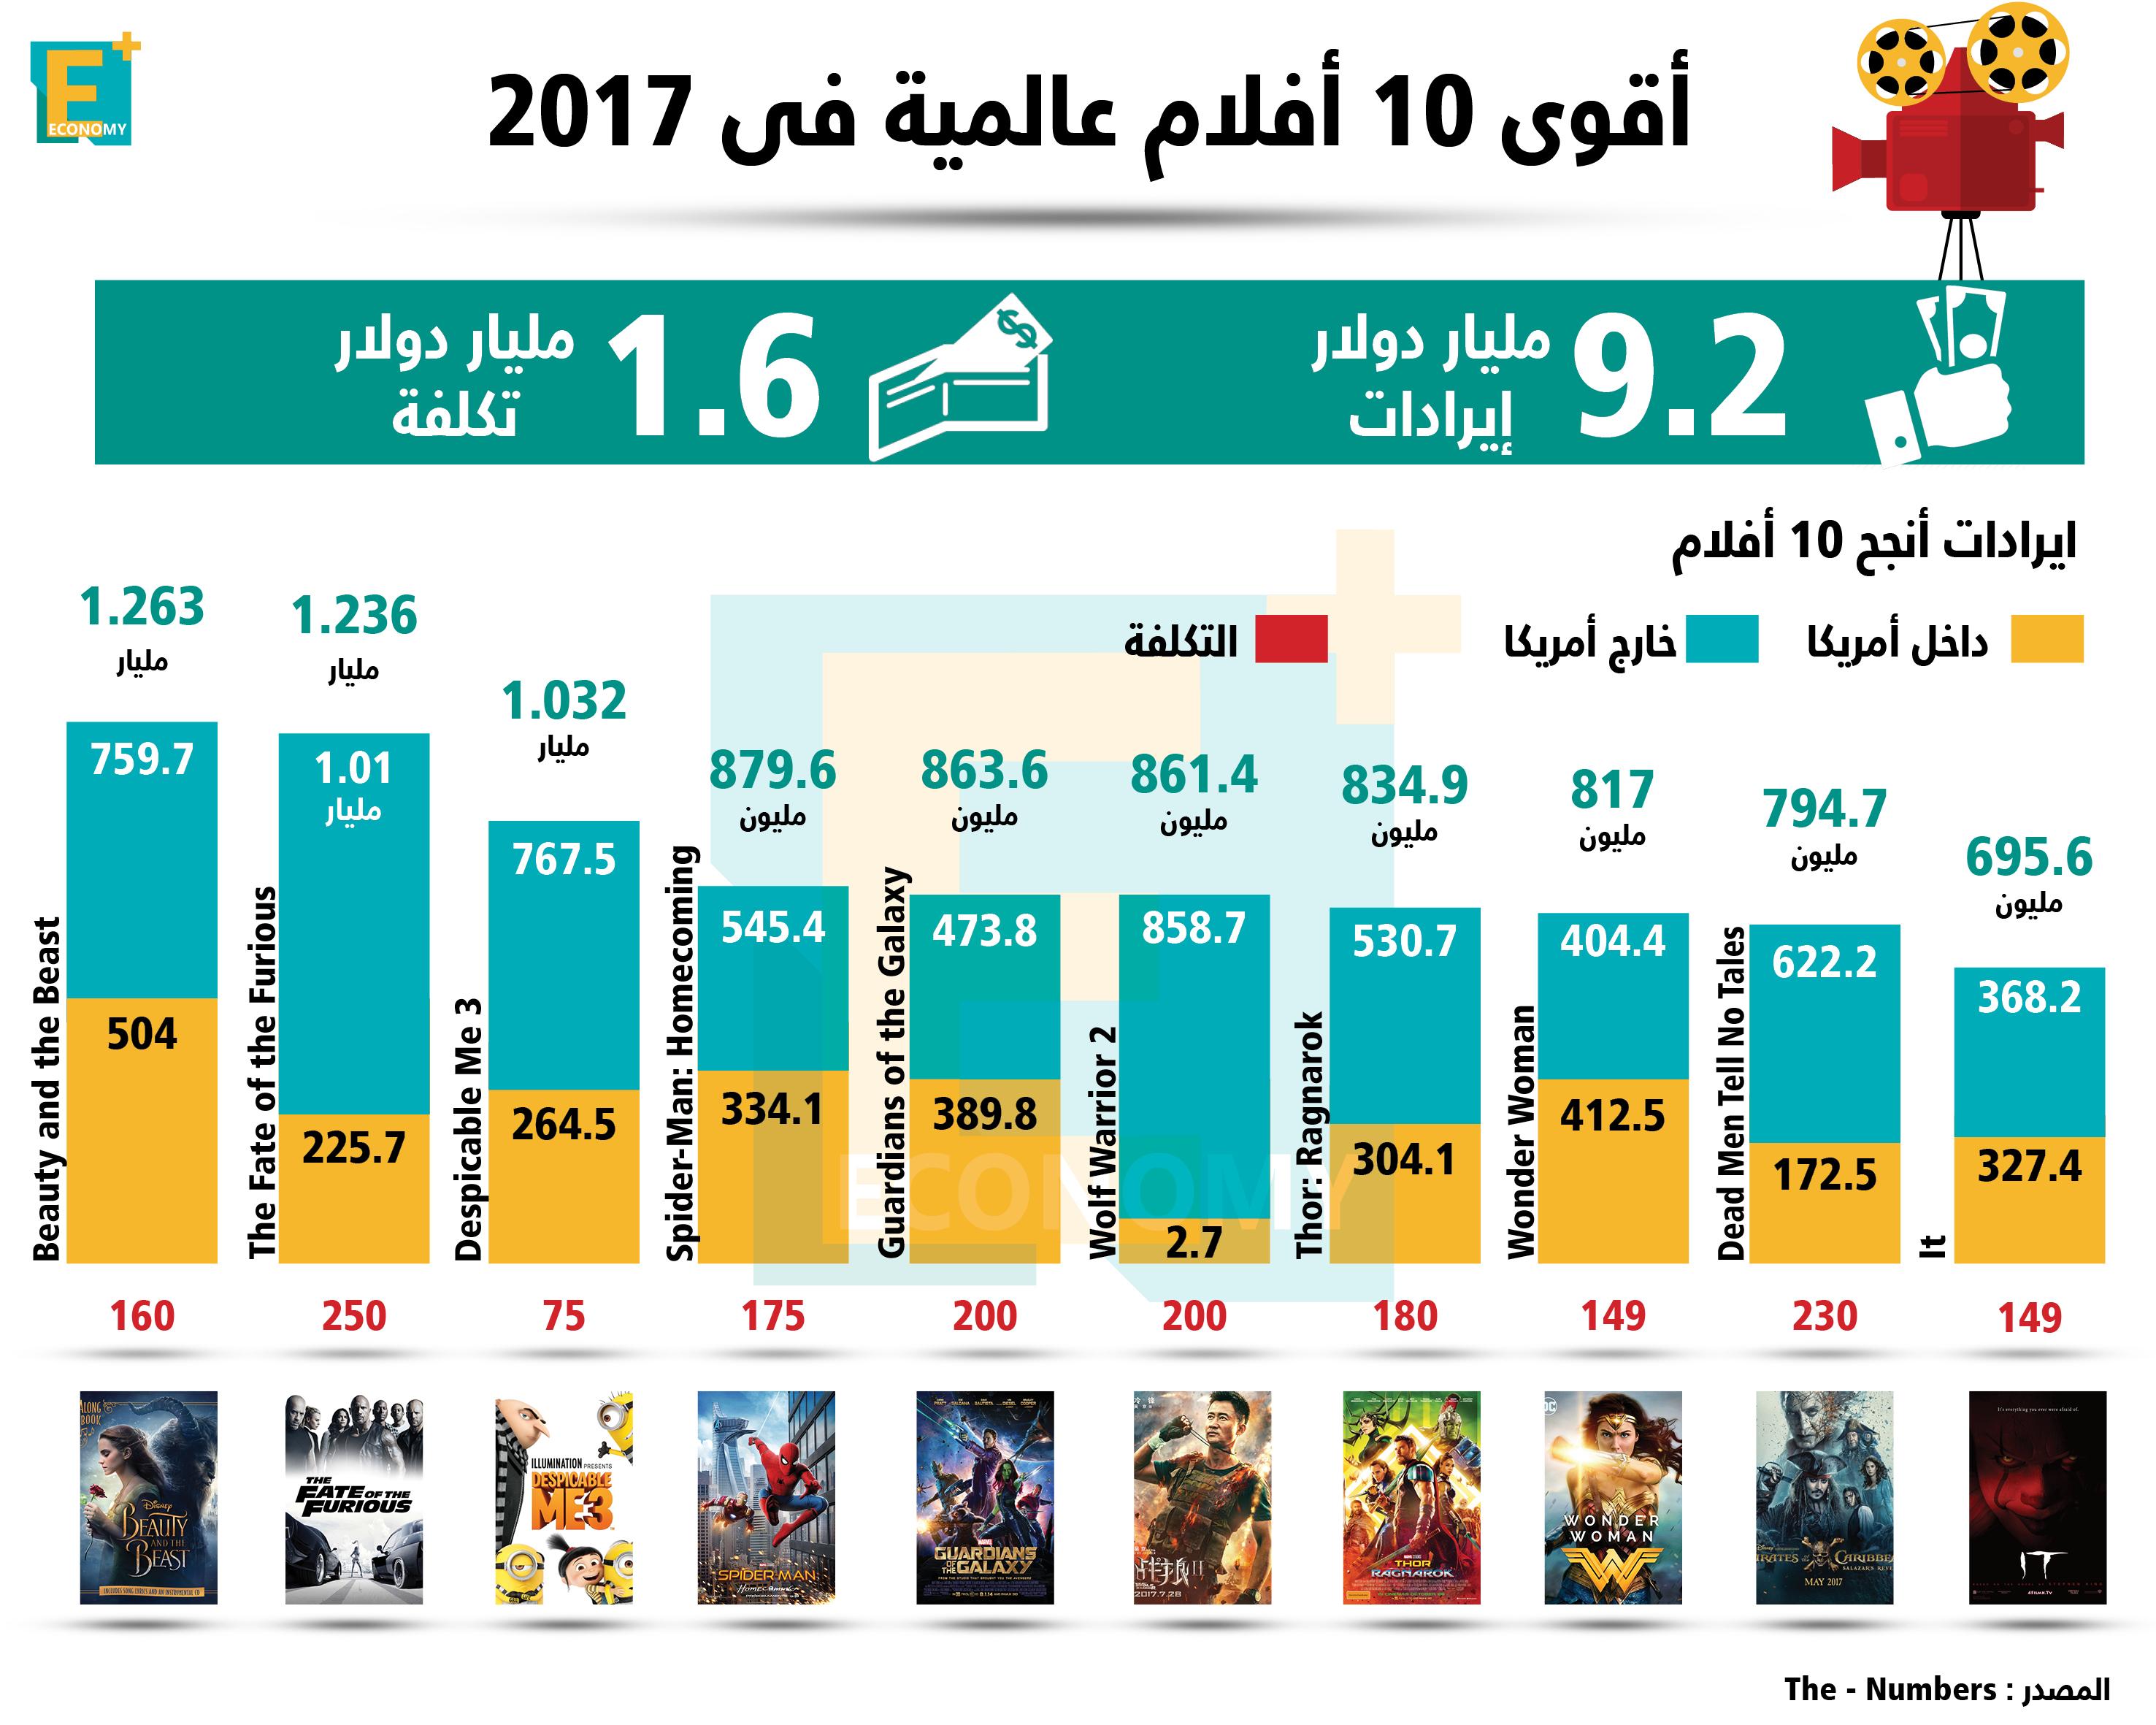 أقوى 10 أفلام فى 2017